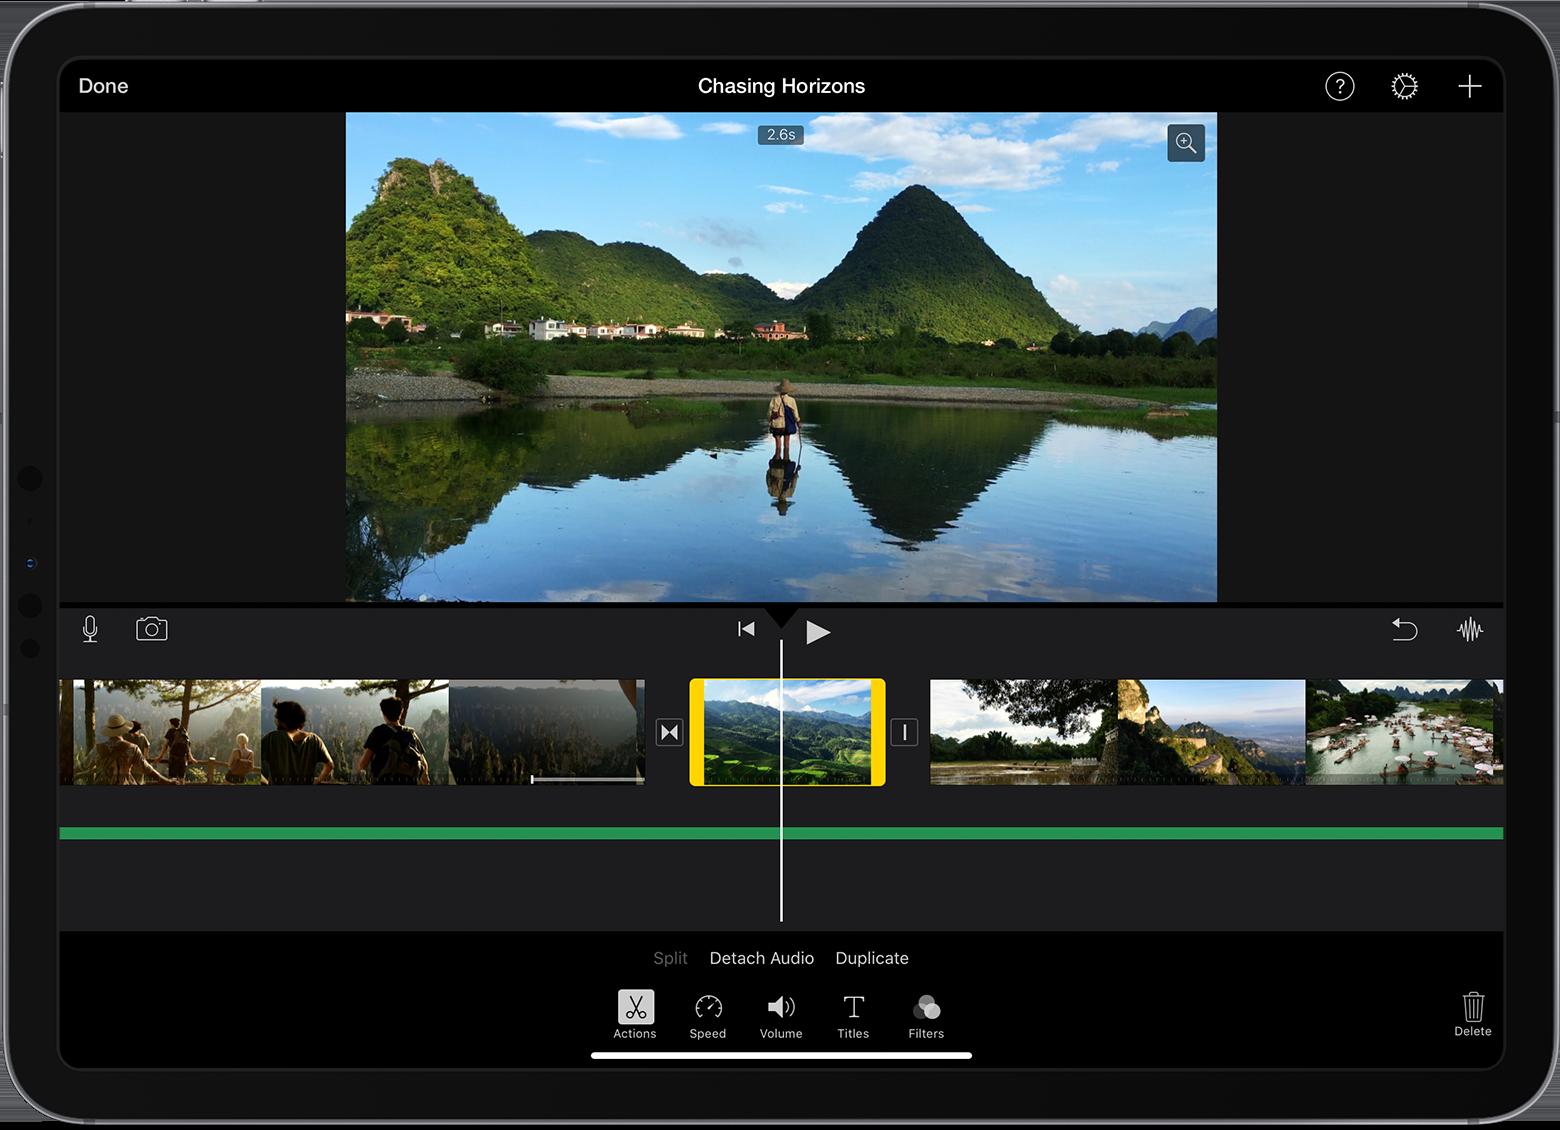 iMovie video editor interface